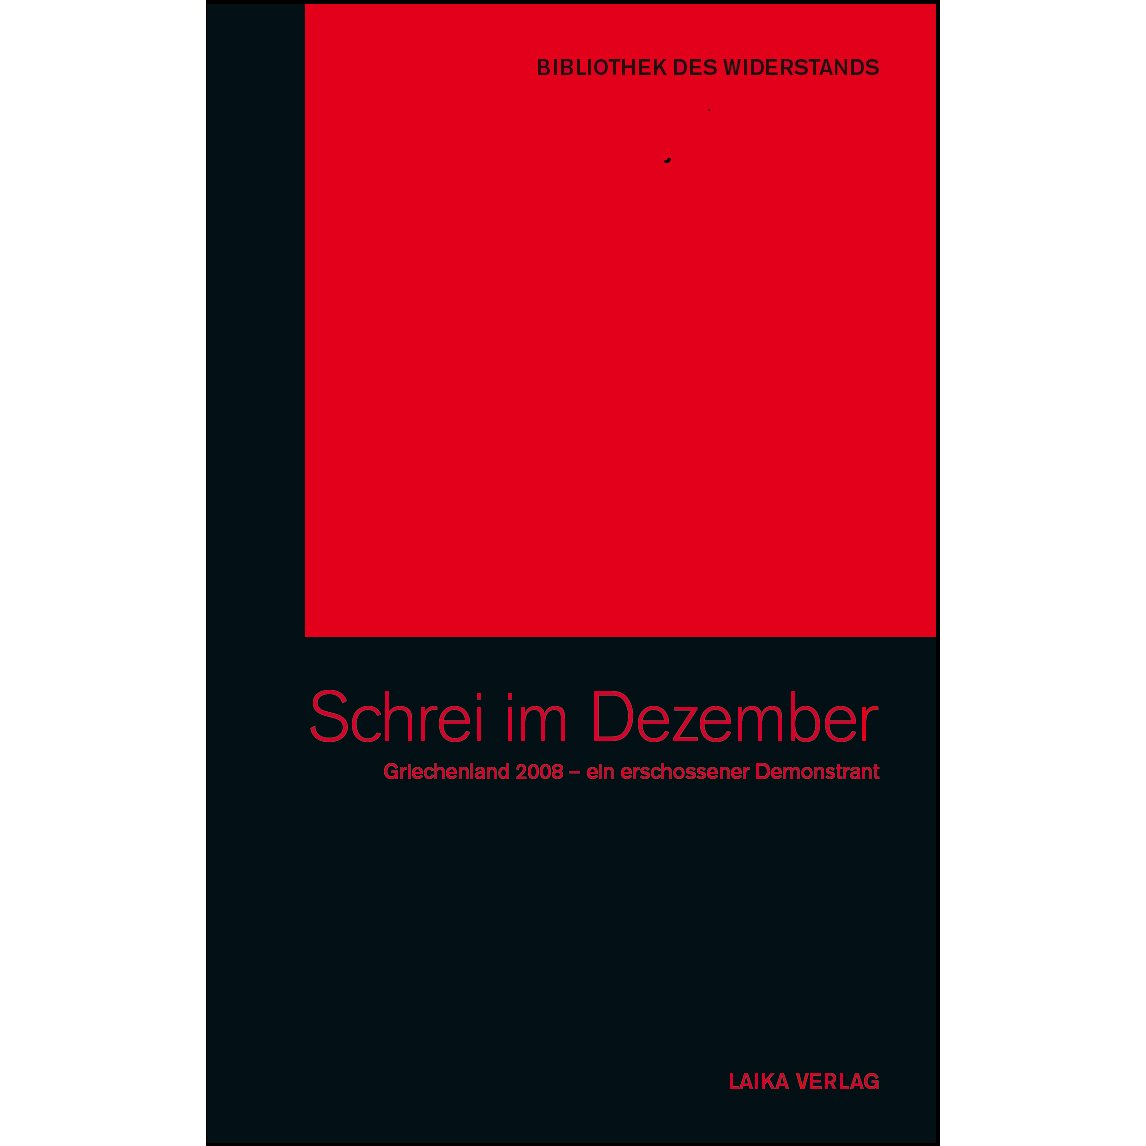 Bibliothek des Widerstands Band 03: Schrei im Dezember